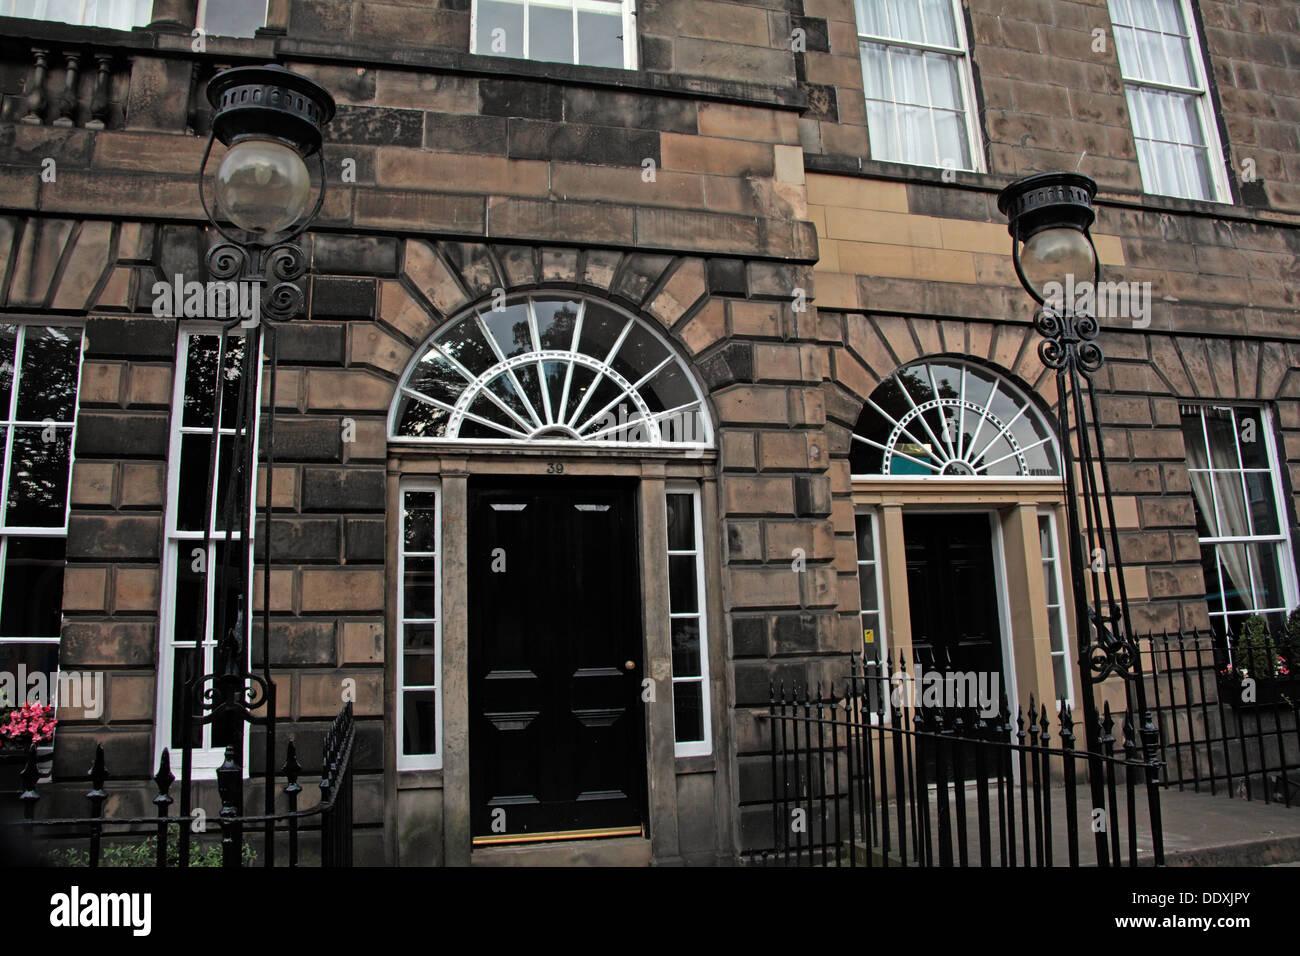 Laden Sie dieses Alamy Stockfoto Gebäude von New Town von Edinburgh, klassische Architektur, Straßenlaternen, Lothian, Schottland, Großbritannien - DDXJPY